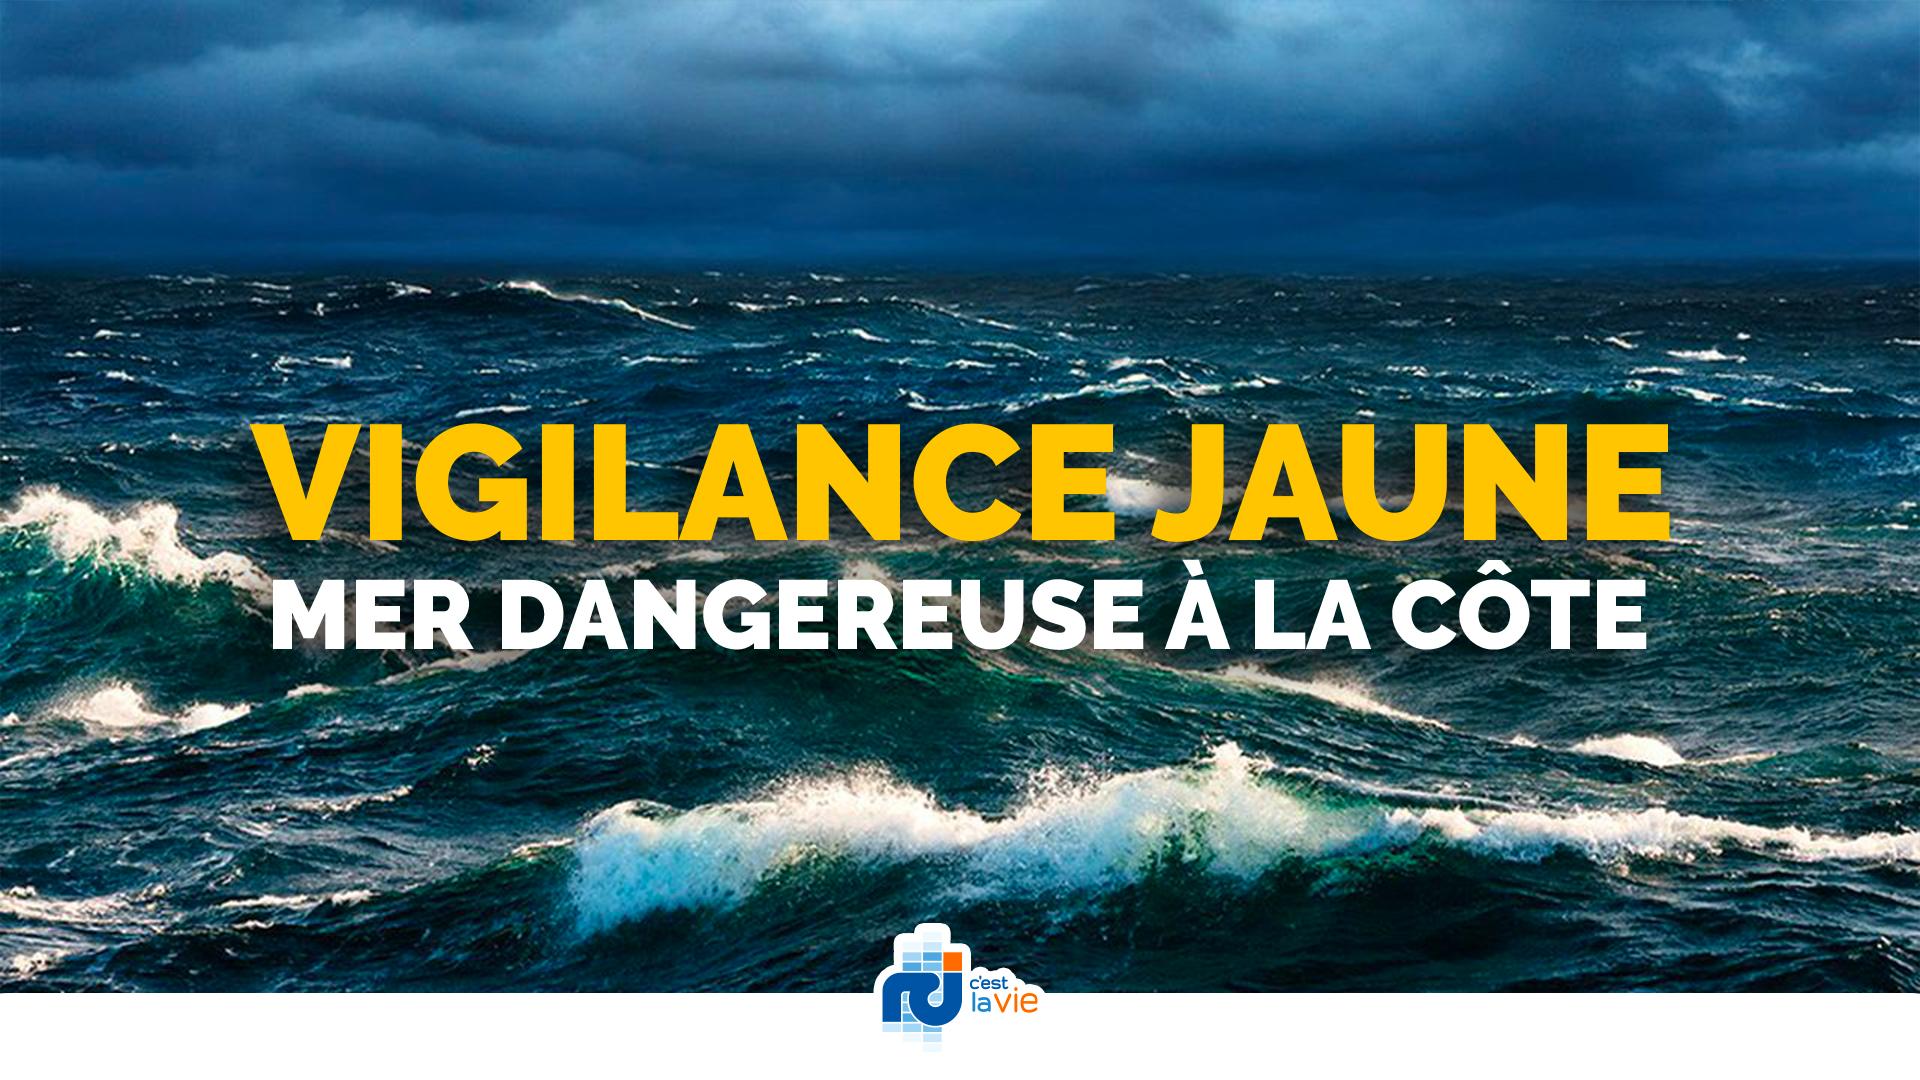 Vigilance jaune pour mer dangereuse toujours maintenue en Martinique